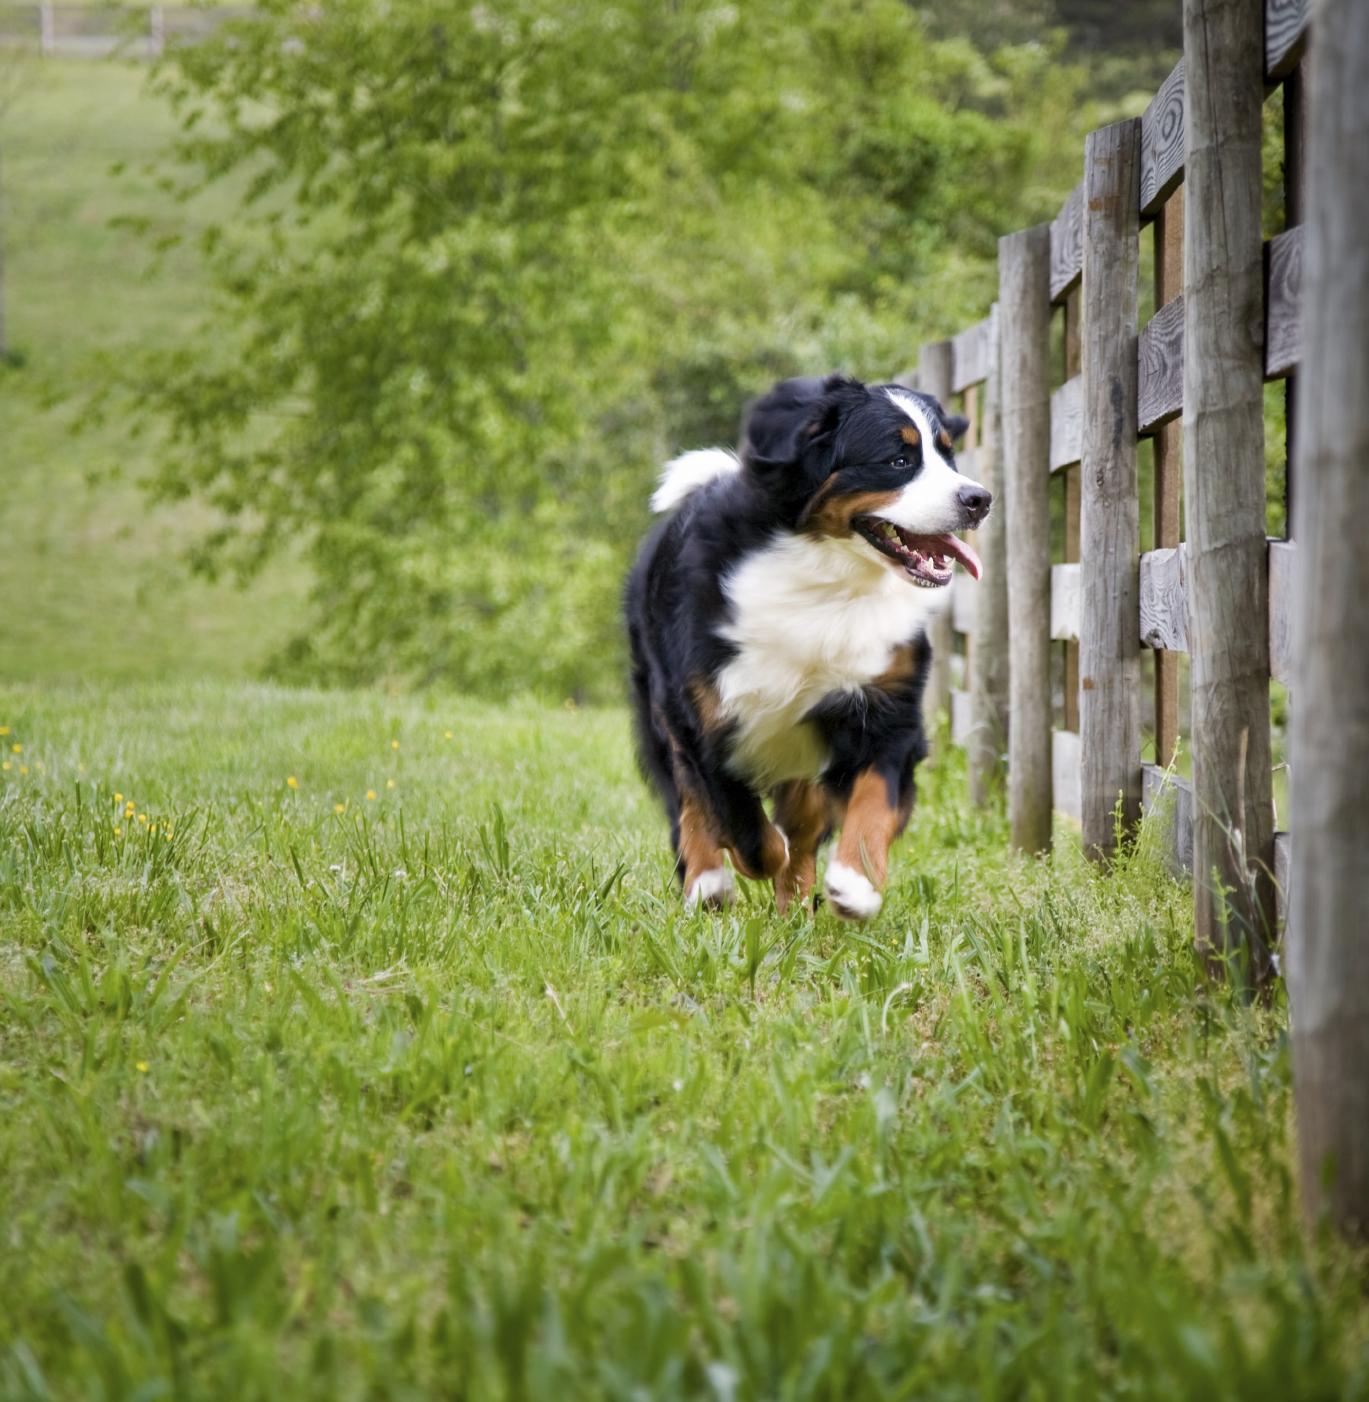 Lire la suite: Protéger votre animal du soleil et de la chaleur